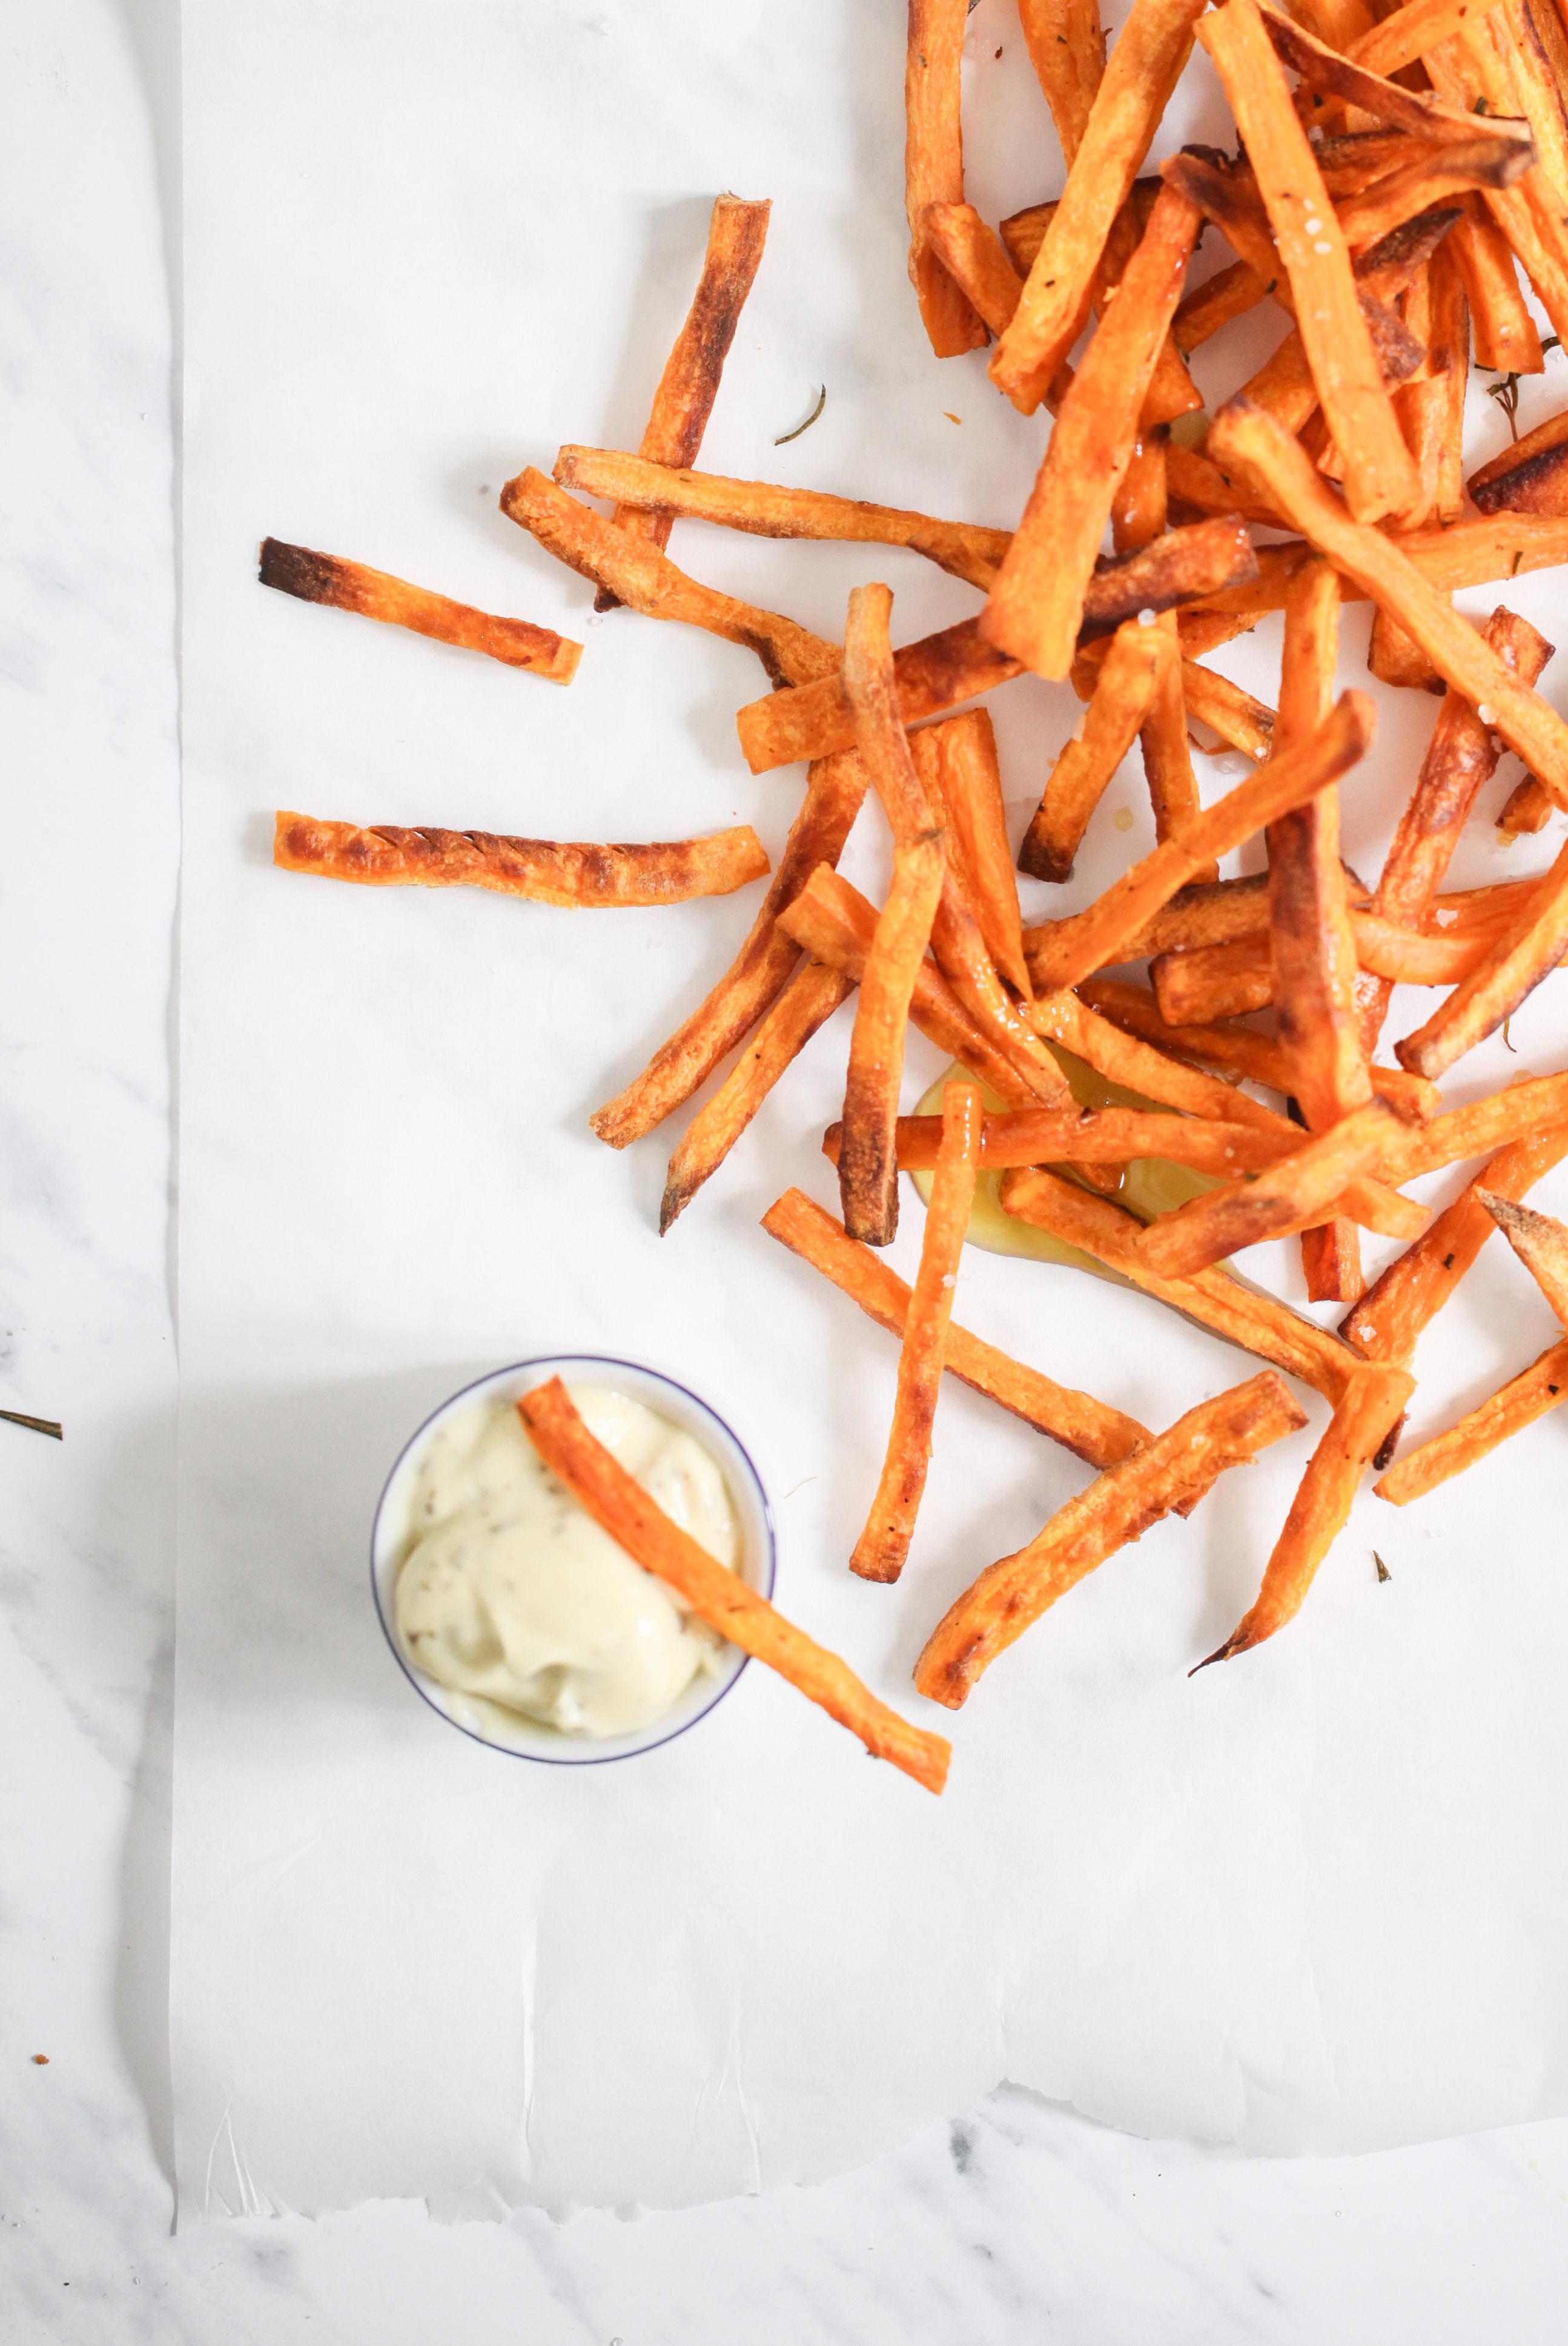 Süsskartoffel Pommes Sandwich Chip Butty Sweet potato recipe Rezept Stulle der Woche Zuckerzimtundliebe